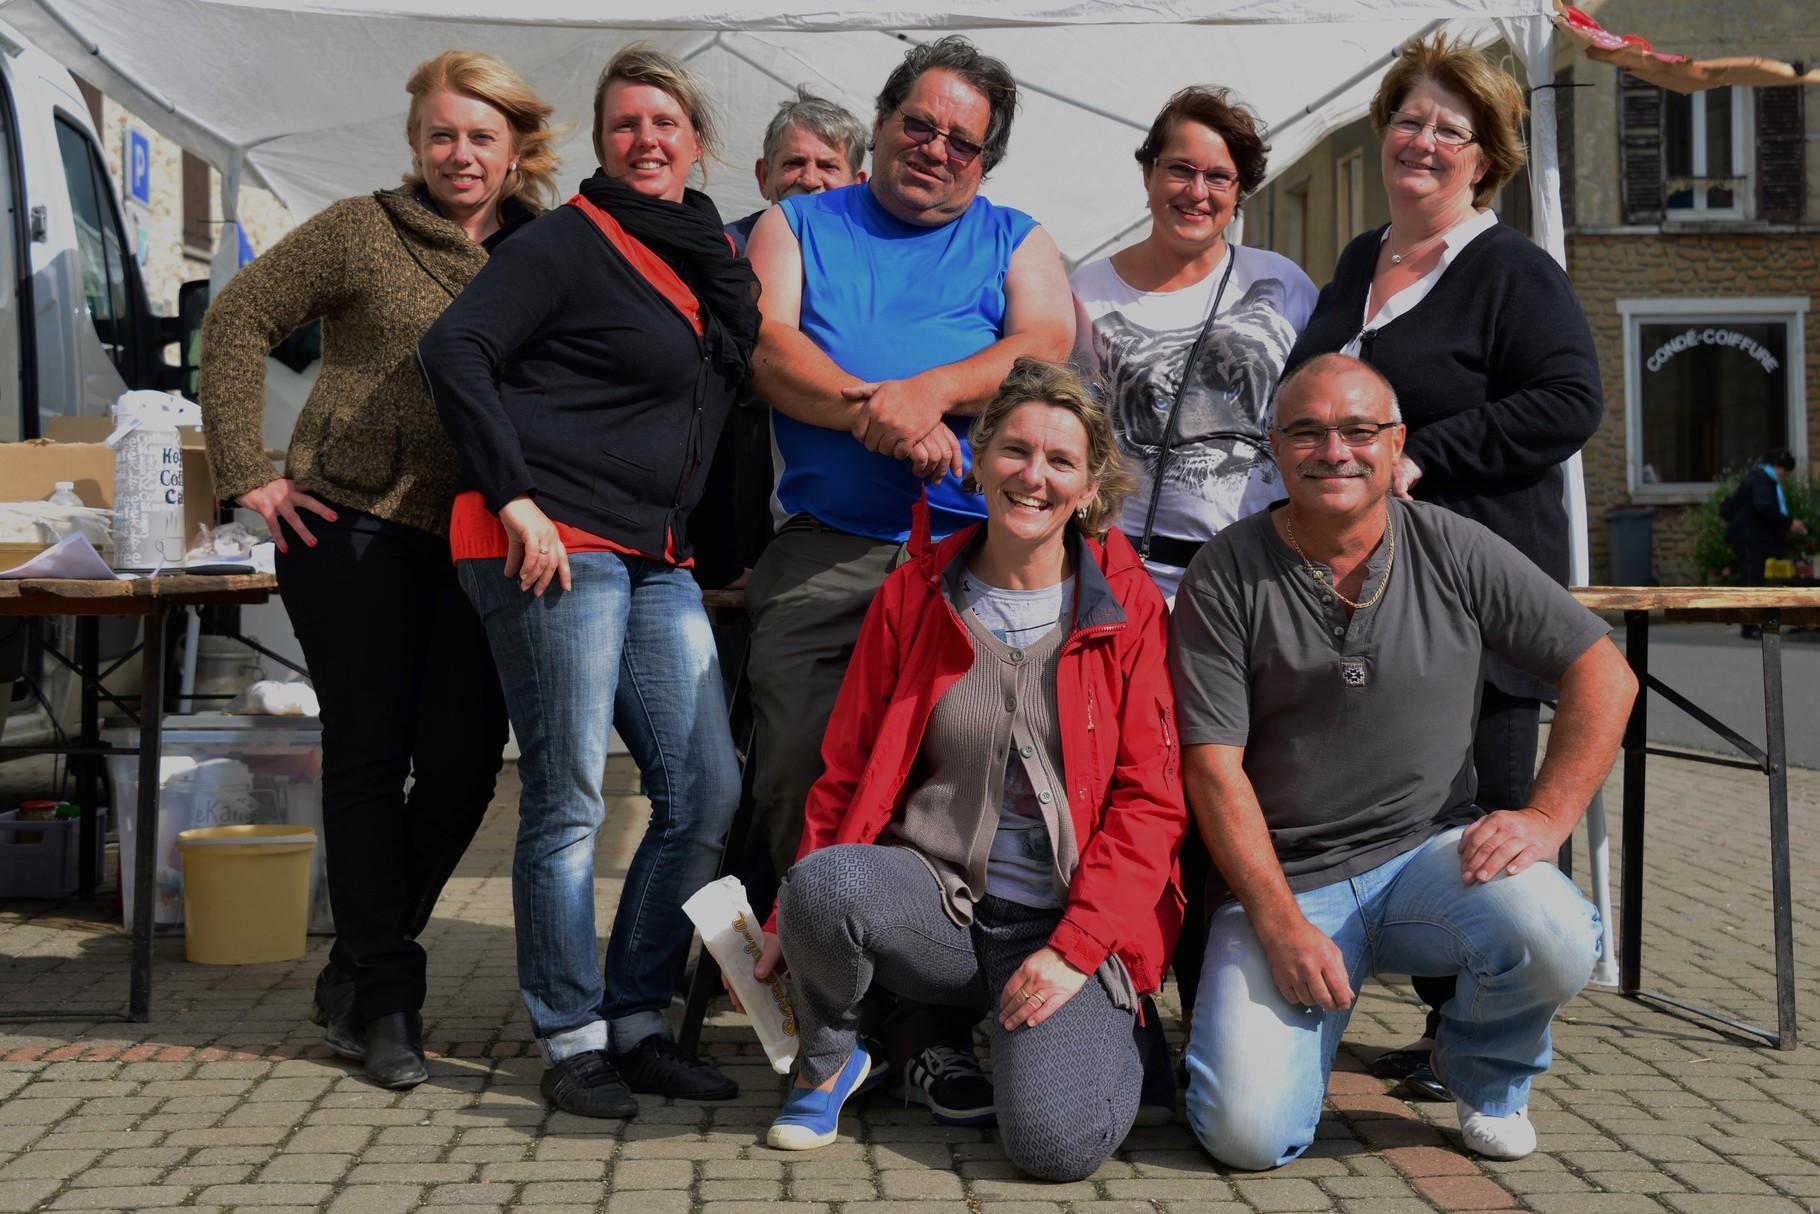 Brocante de Condé en Brie 13 septembre 2015 : l'équipe des organisateurs